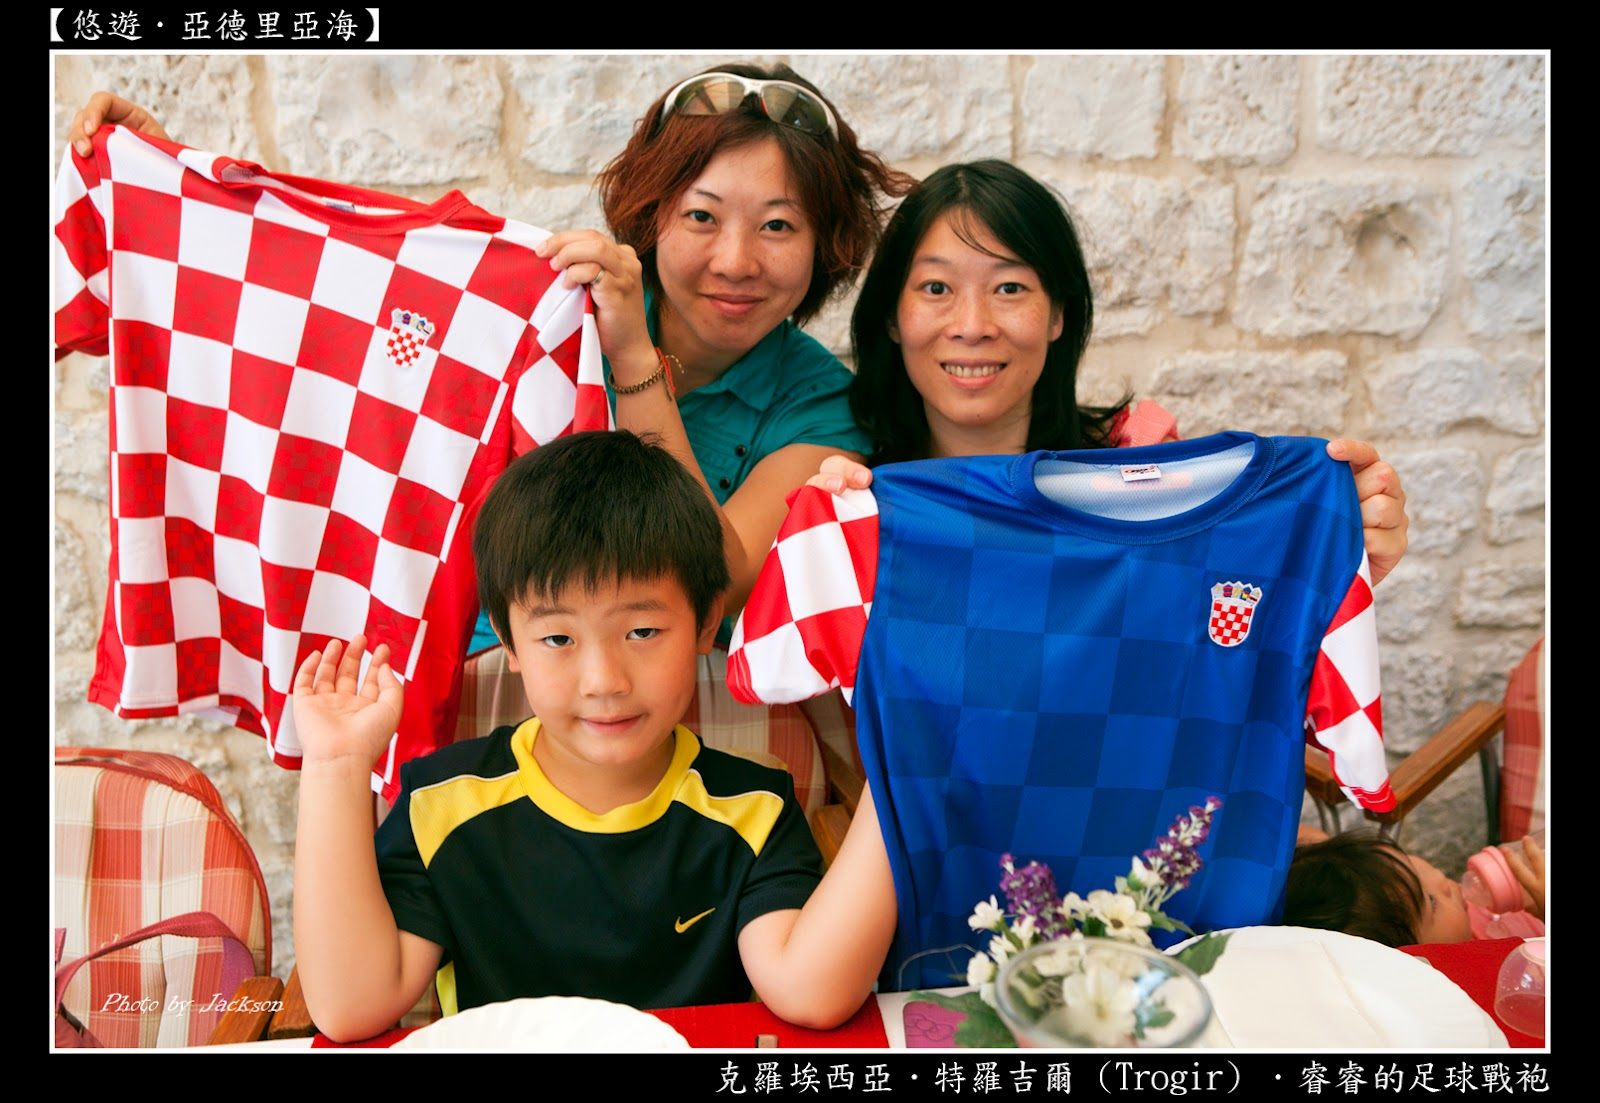 傑克森 @ 放肆攝情 !: ~ 2011 Slovenia & Croatia - 特羅吉爾 ( Trogir ) 古城